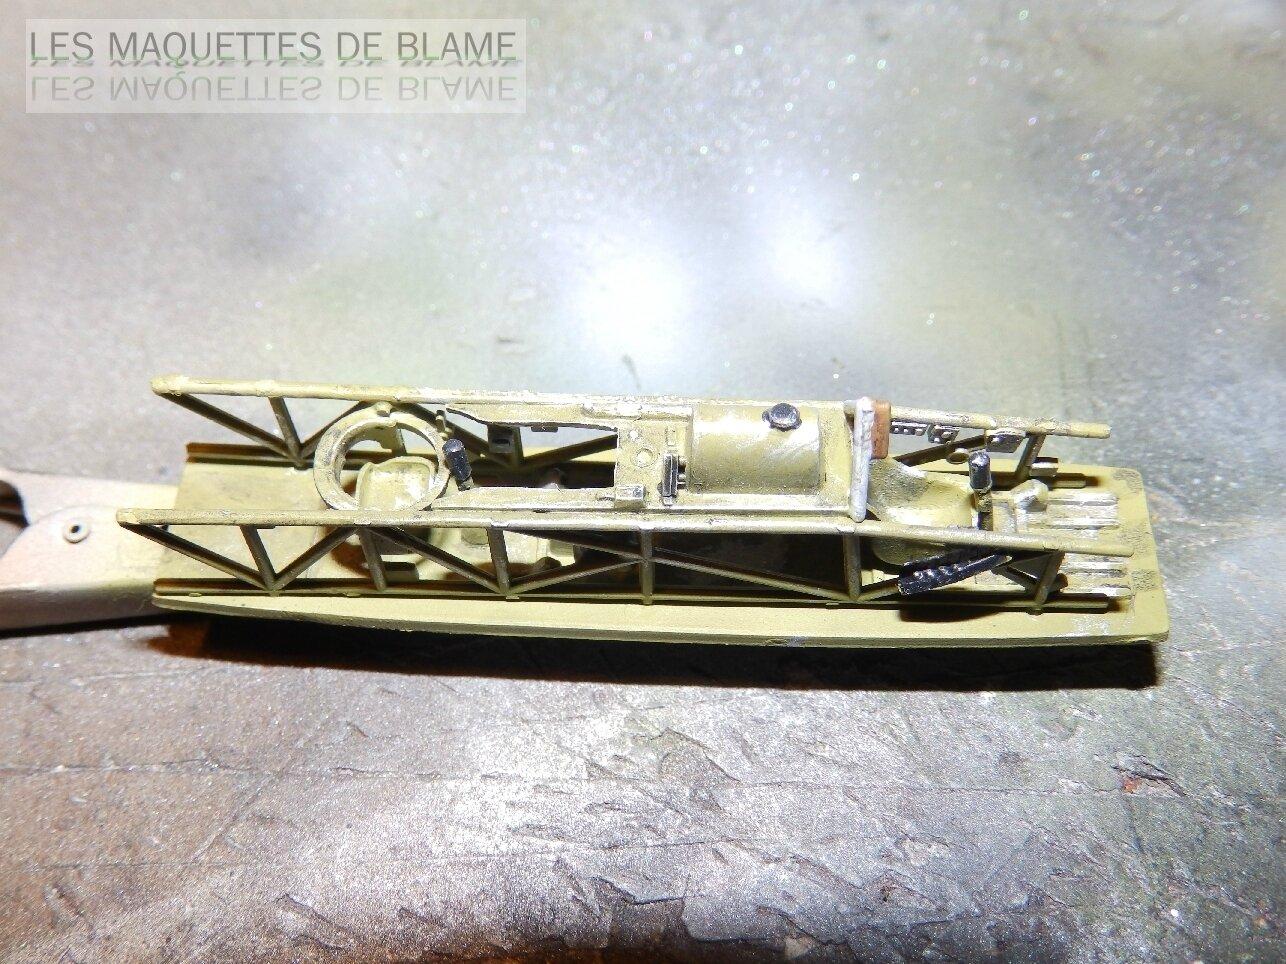 VOUGHT V-156F VINDICATOR 6em ESCADRILLE AB1 PORTE AVION BEARN MAI 1940 POSTE DE PILOTAGE!!